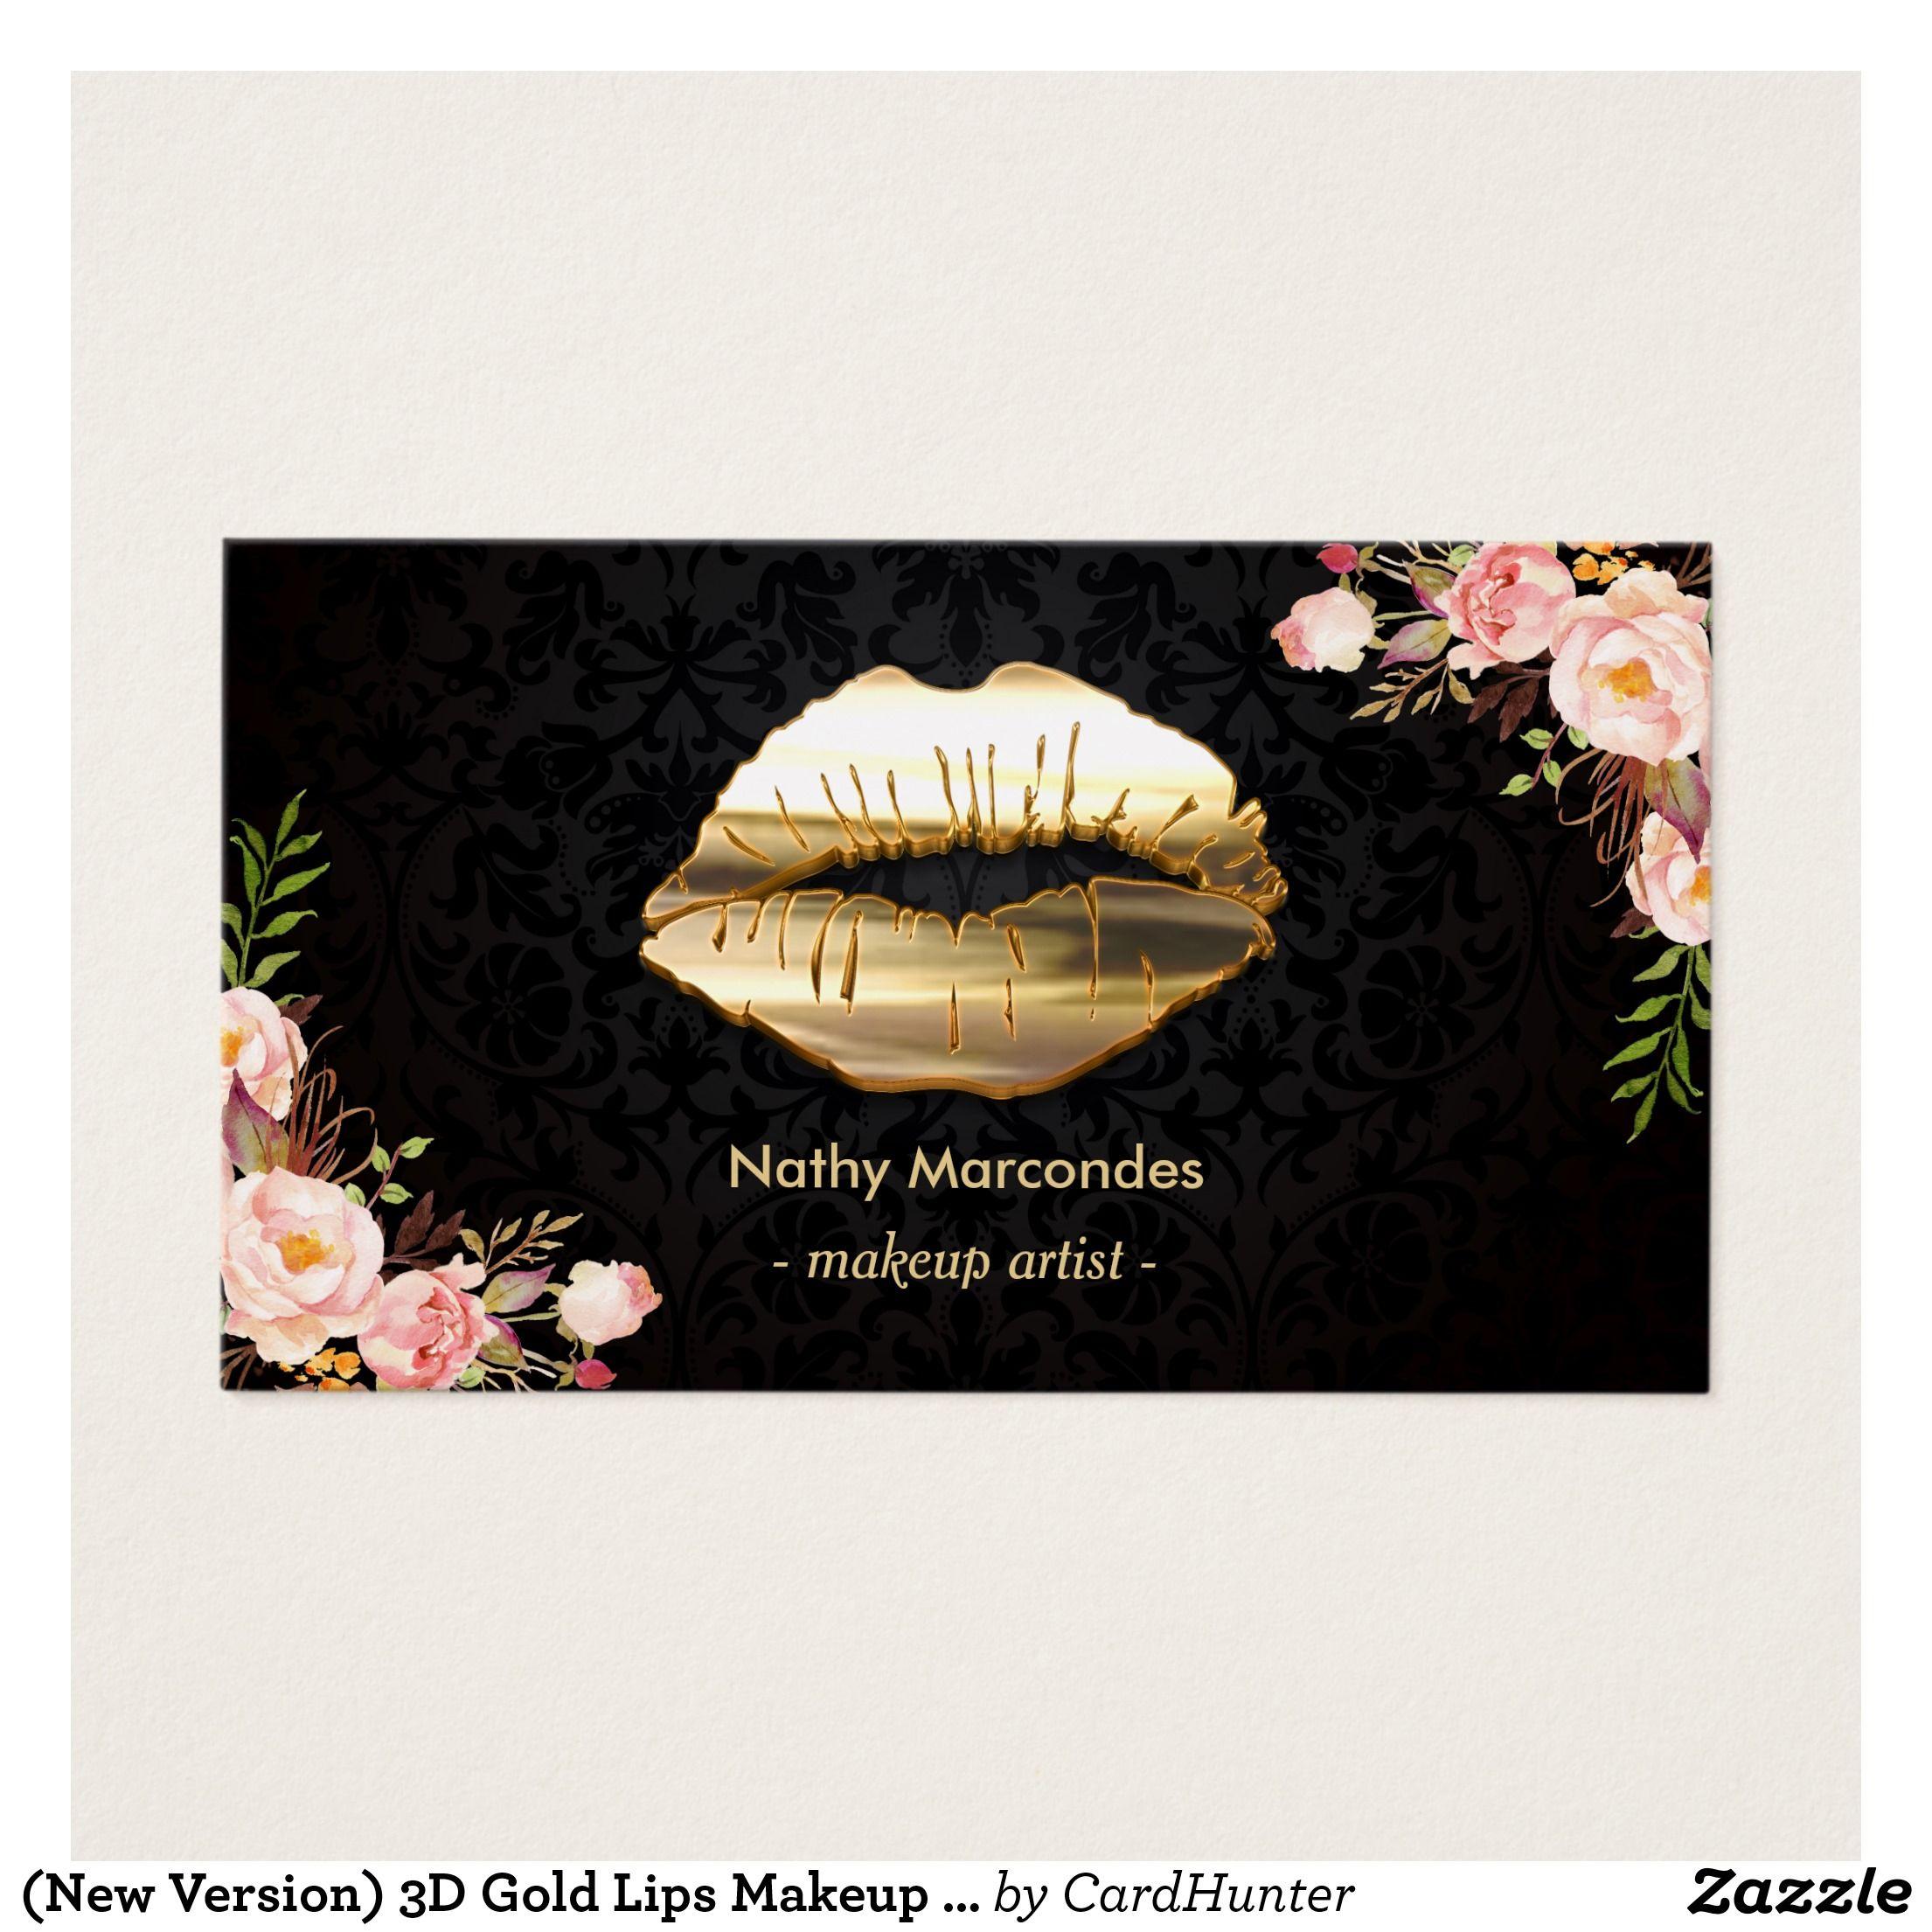 Stunning Gold Lips Makeup Artist Floral Business Card